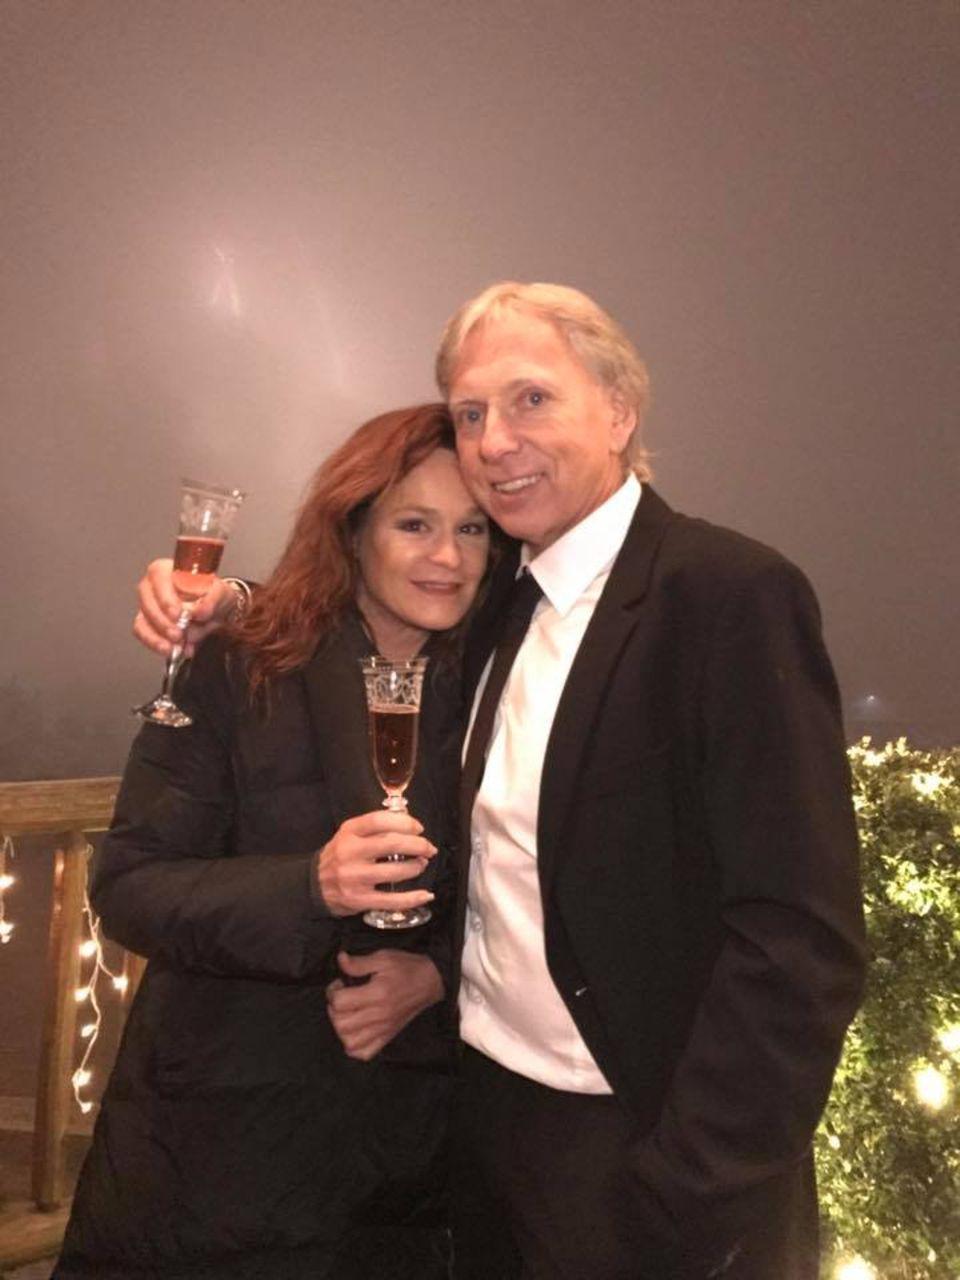 """Andrea Berg und Ulrich Ferber starten gemeinsam in das neue Jahr. """"Wir wünschen Euch ein glückliches und gesundes neues Jahr! Seid behütet!"""", wünscht die Sängerin ihren Fans."""